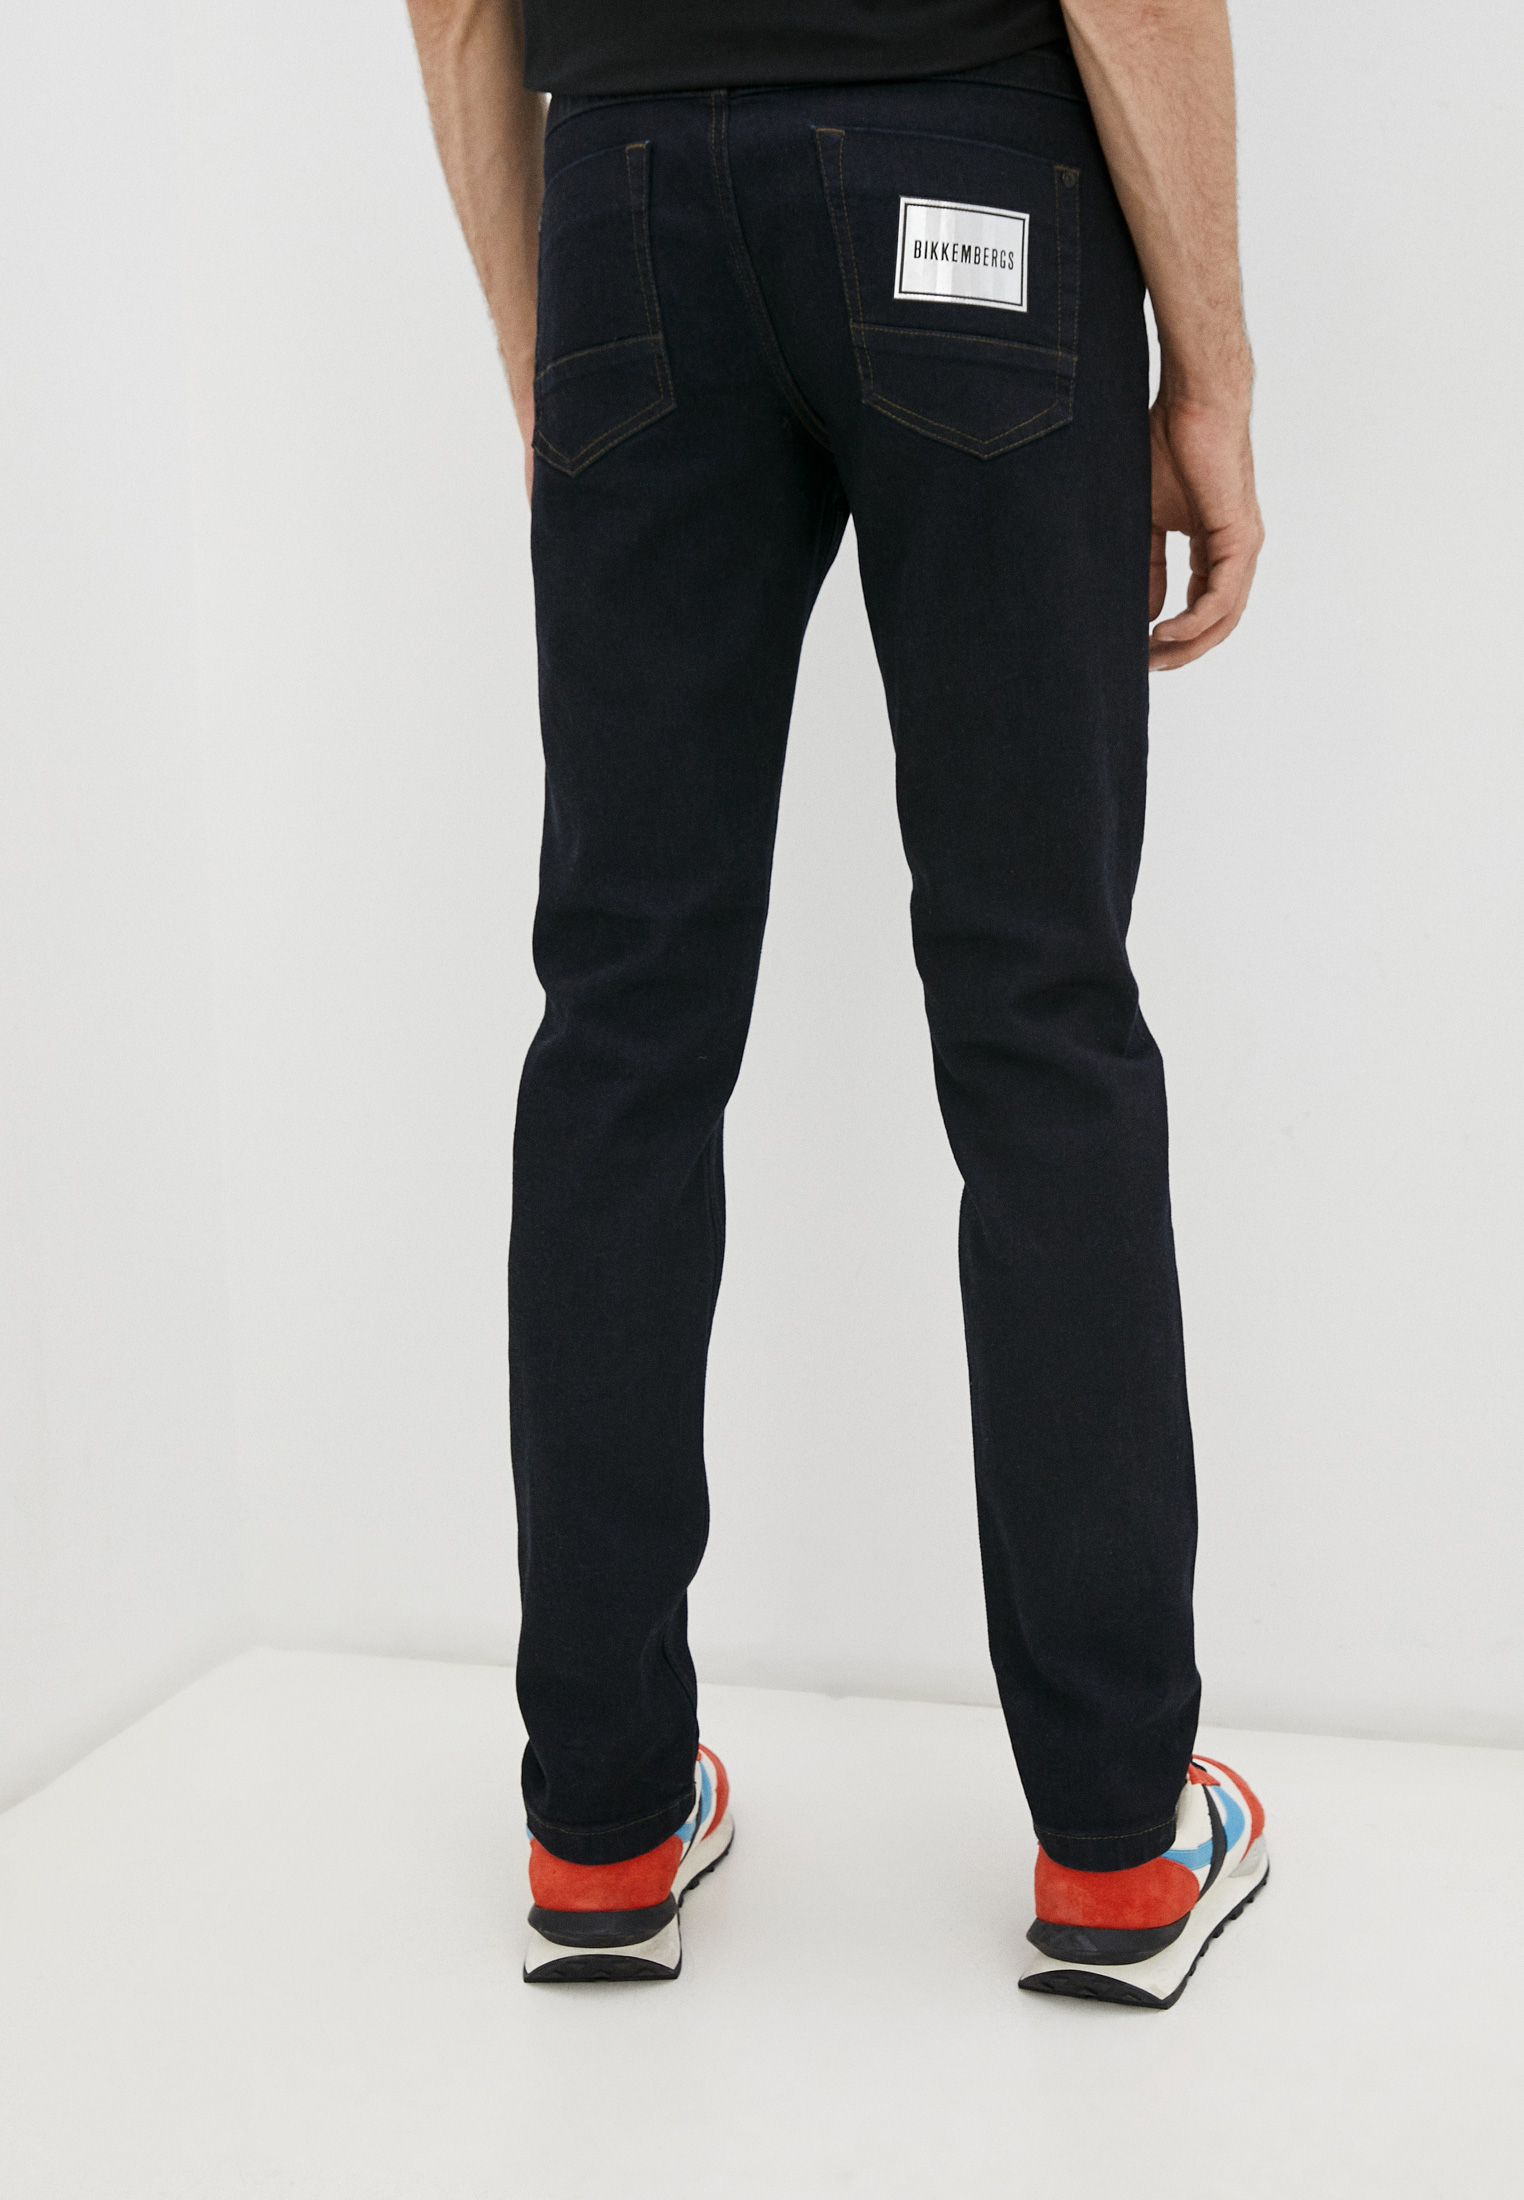 Мужские прямые джинсы Bikkembergs (Биккембергс) C Q 101 01 S 3333: изображение 9